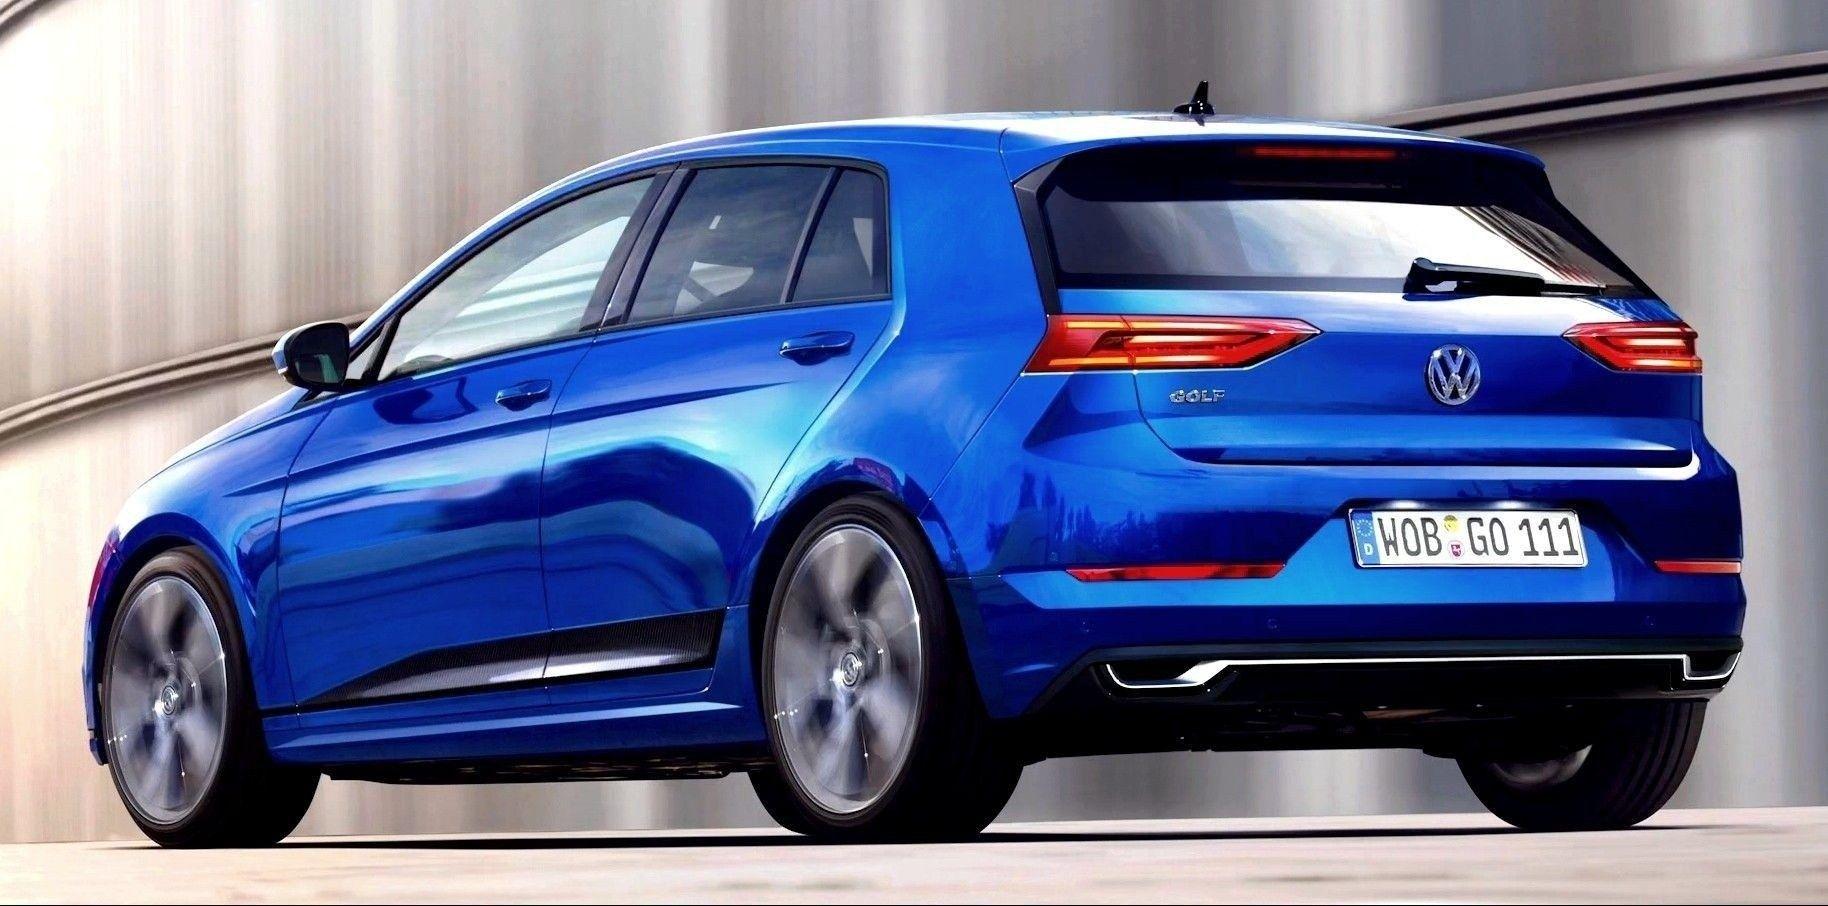 Volkswagen Golf Gtd 2020 Body Style Change Volkswagen Golf Volkswagen Car Volkswagen